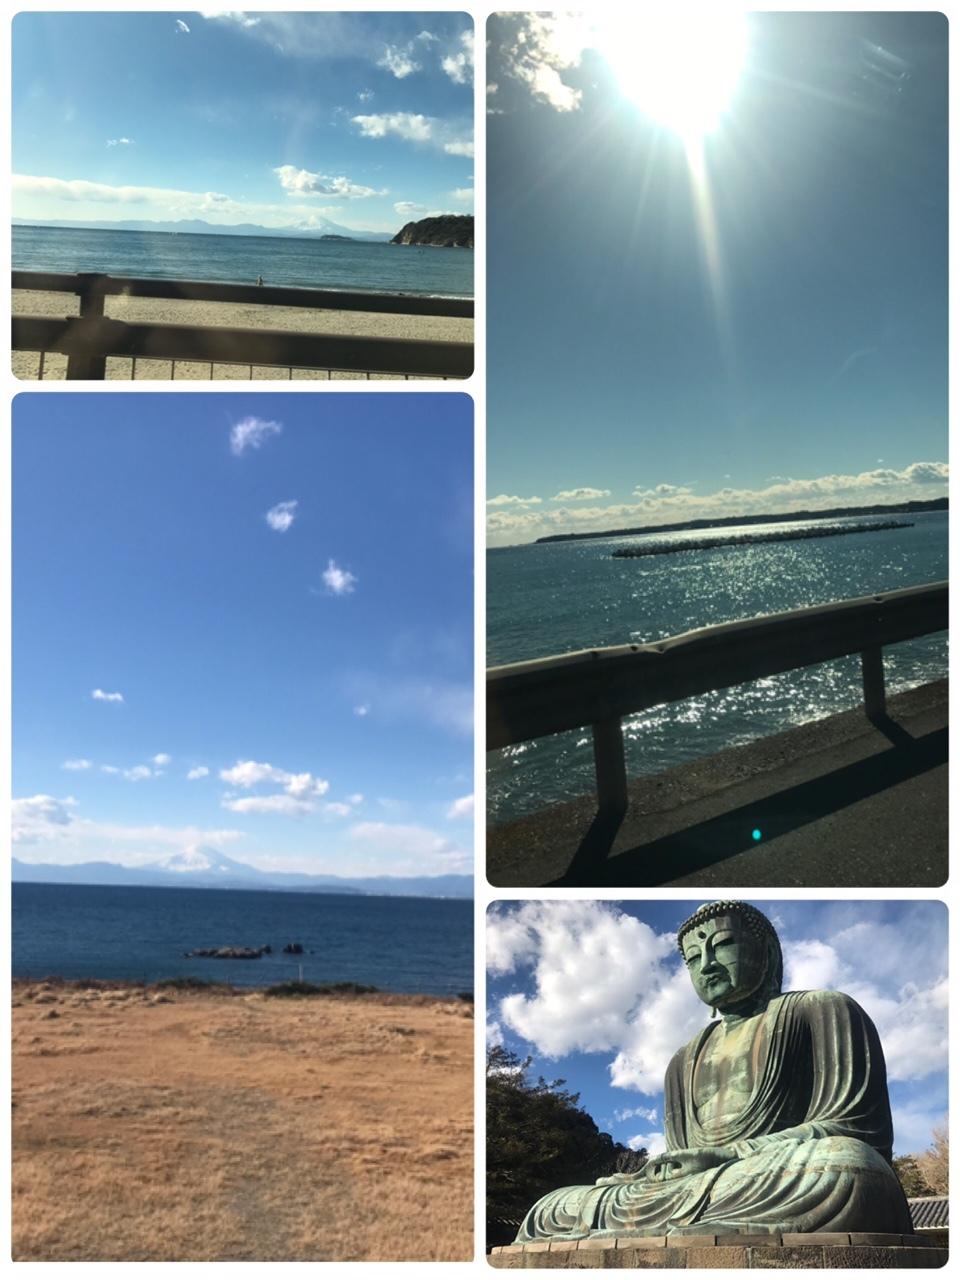 日本で撮った写真いろいろ_c0196240_07523849.jpg